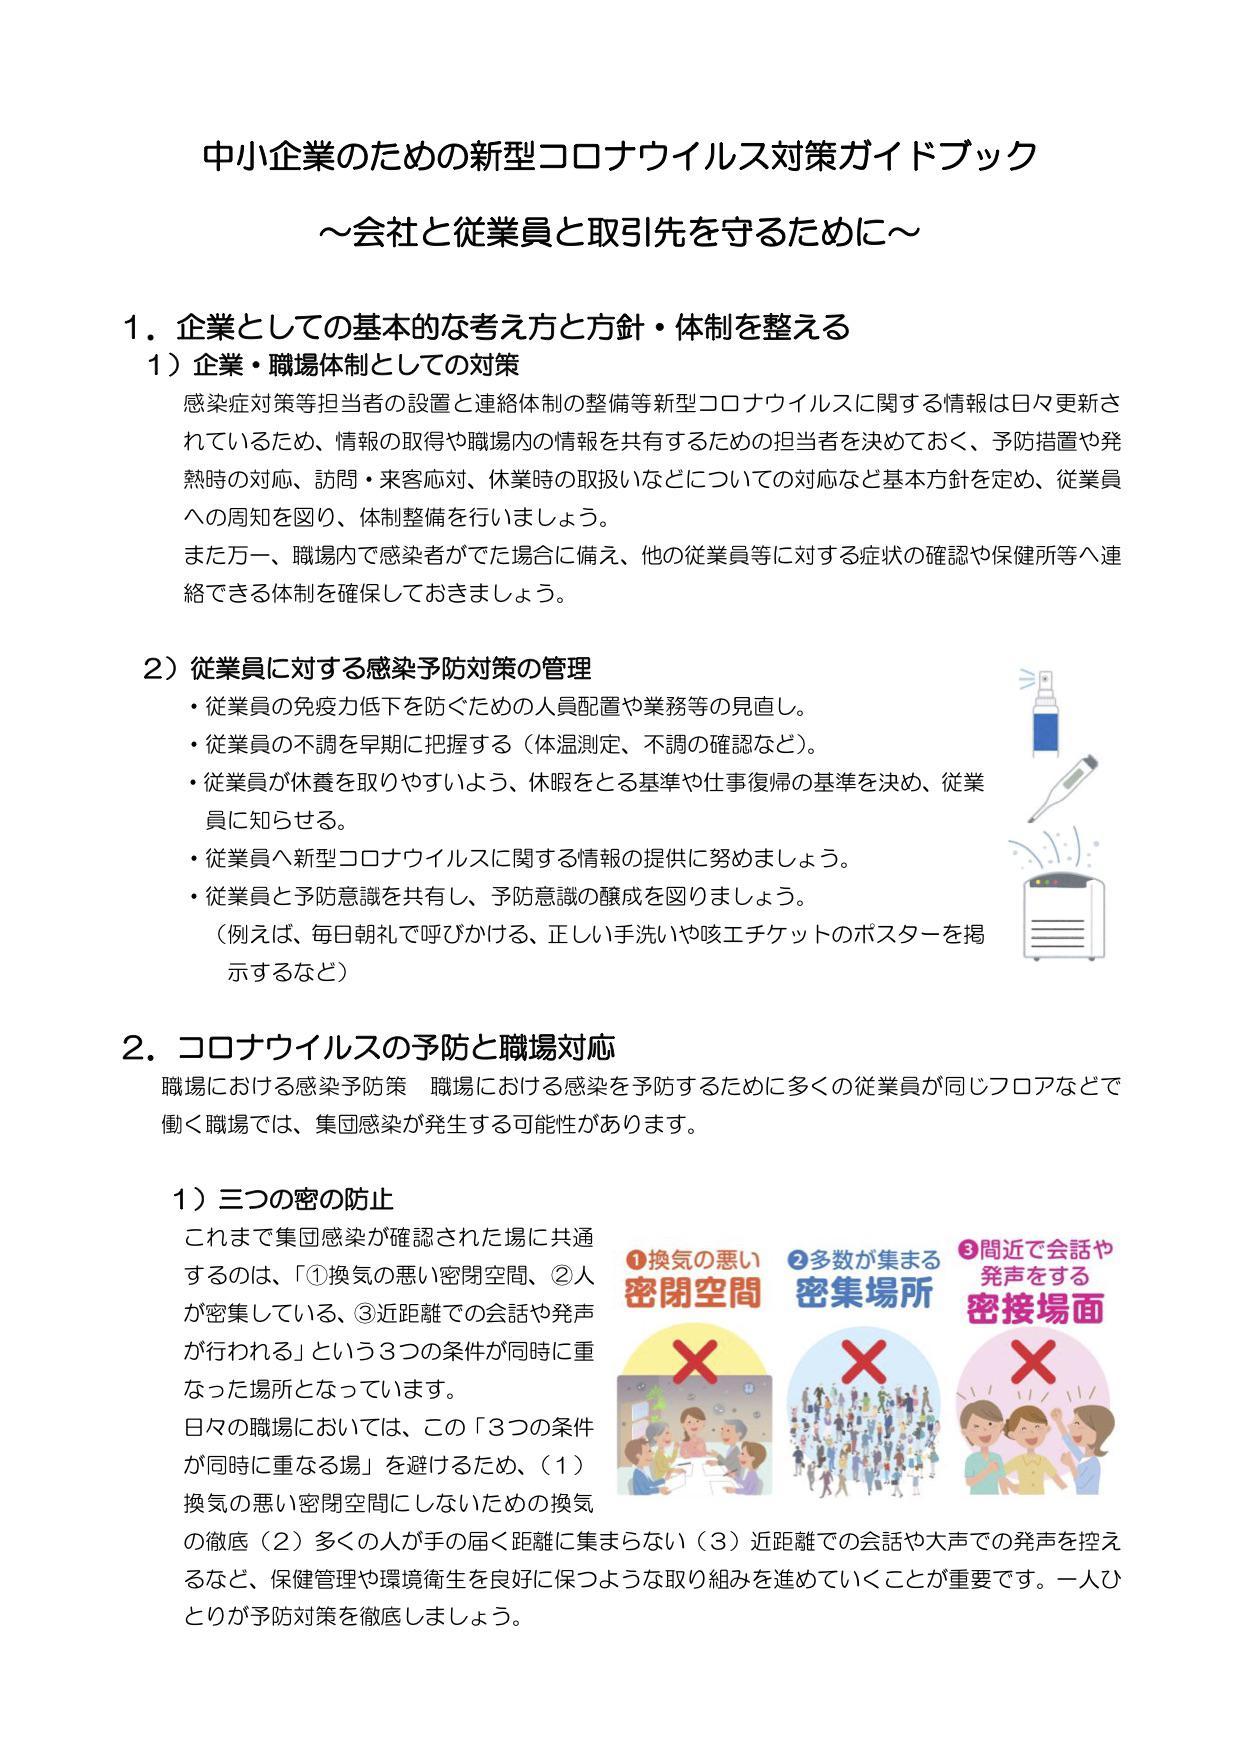 「中小企業のための新型コロナウイルス対策ガイドブック」ご活用ください!